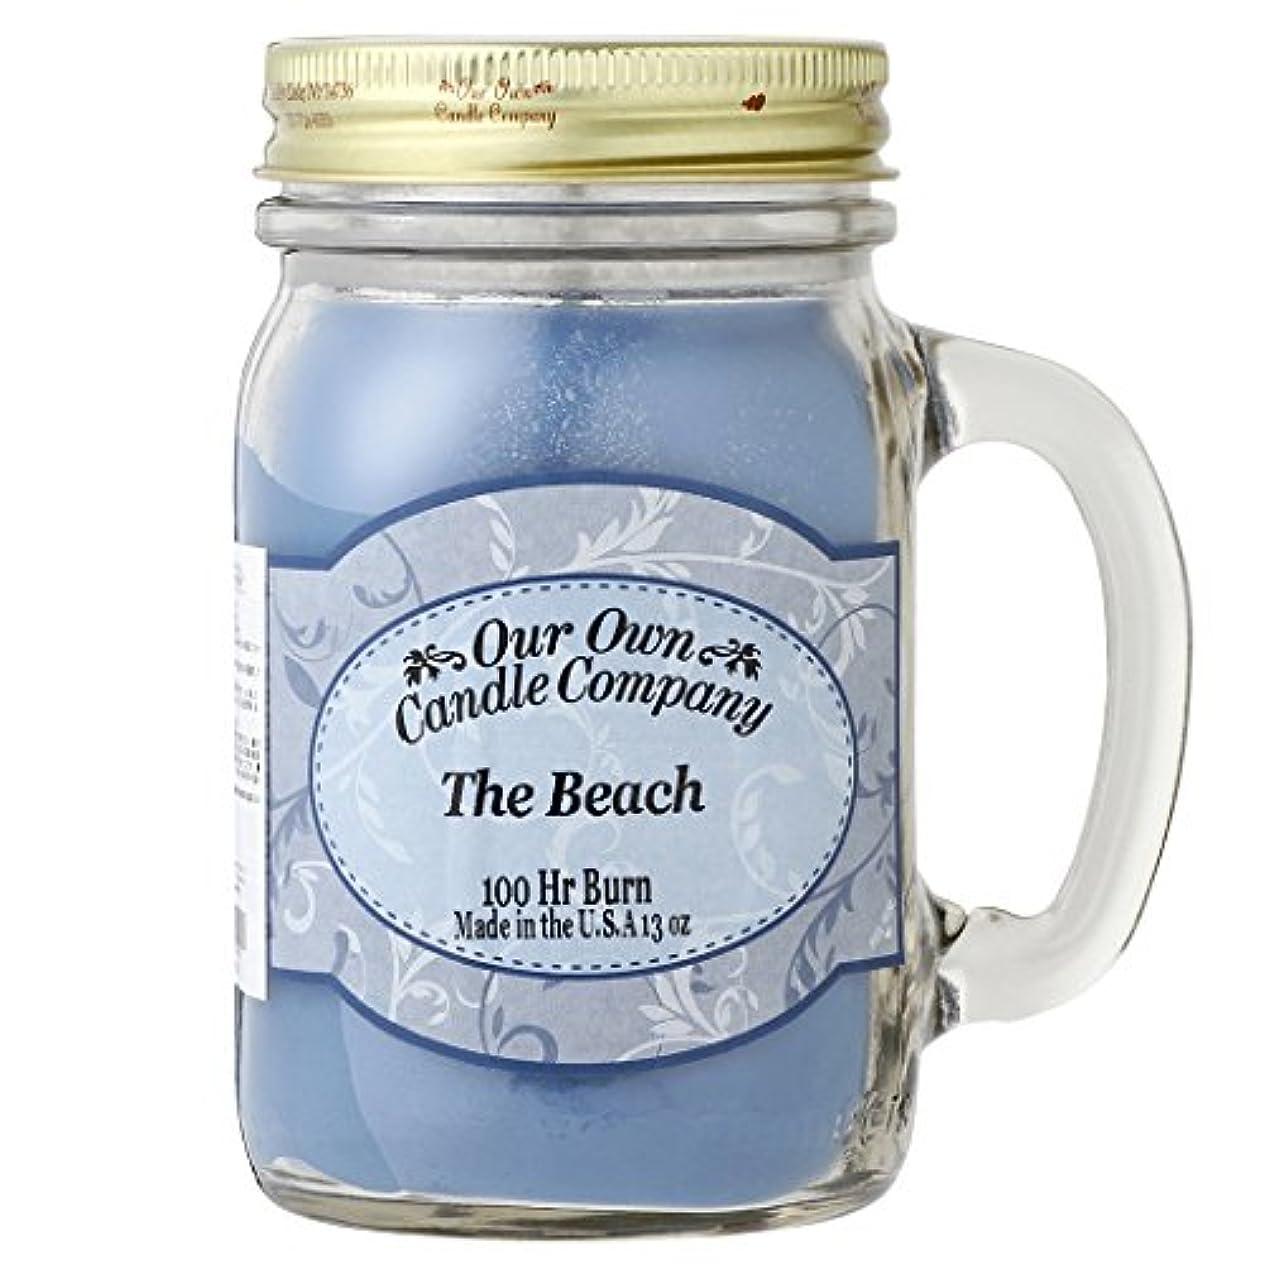 通行料金受け入れ甘味Our Own Candle Company メイソンジャーキャンドル ラージサイズ ザ?ビーチ OU100119